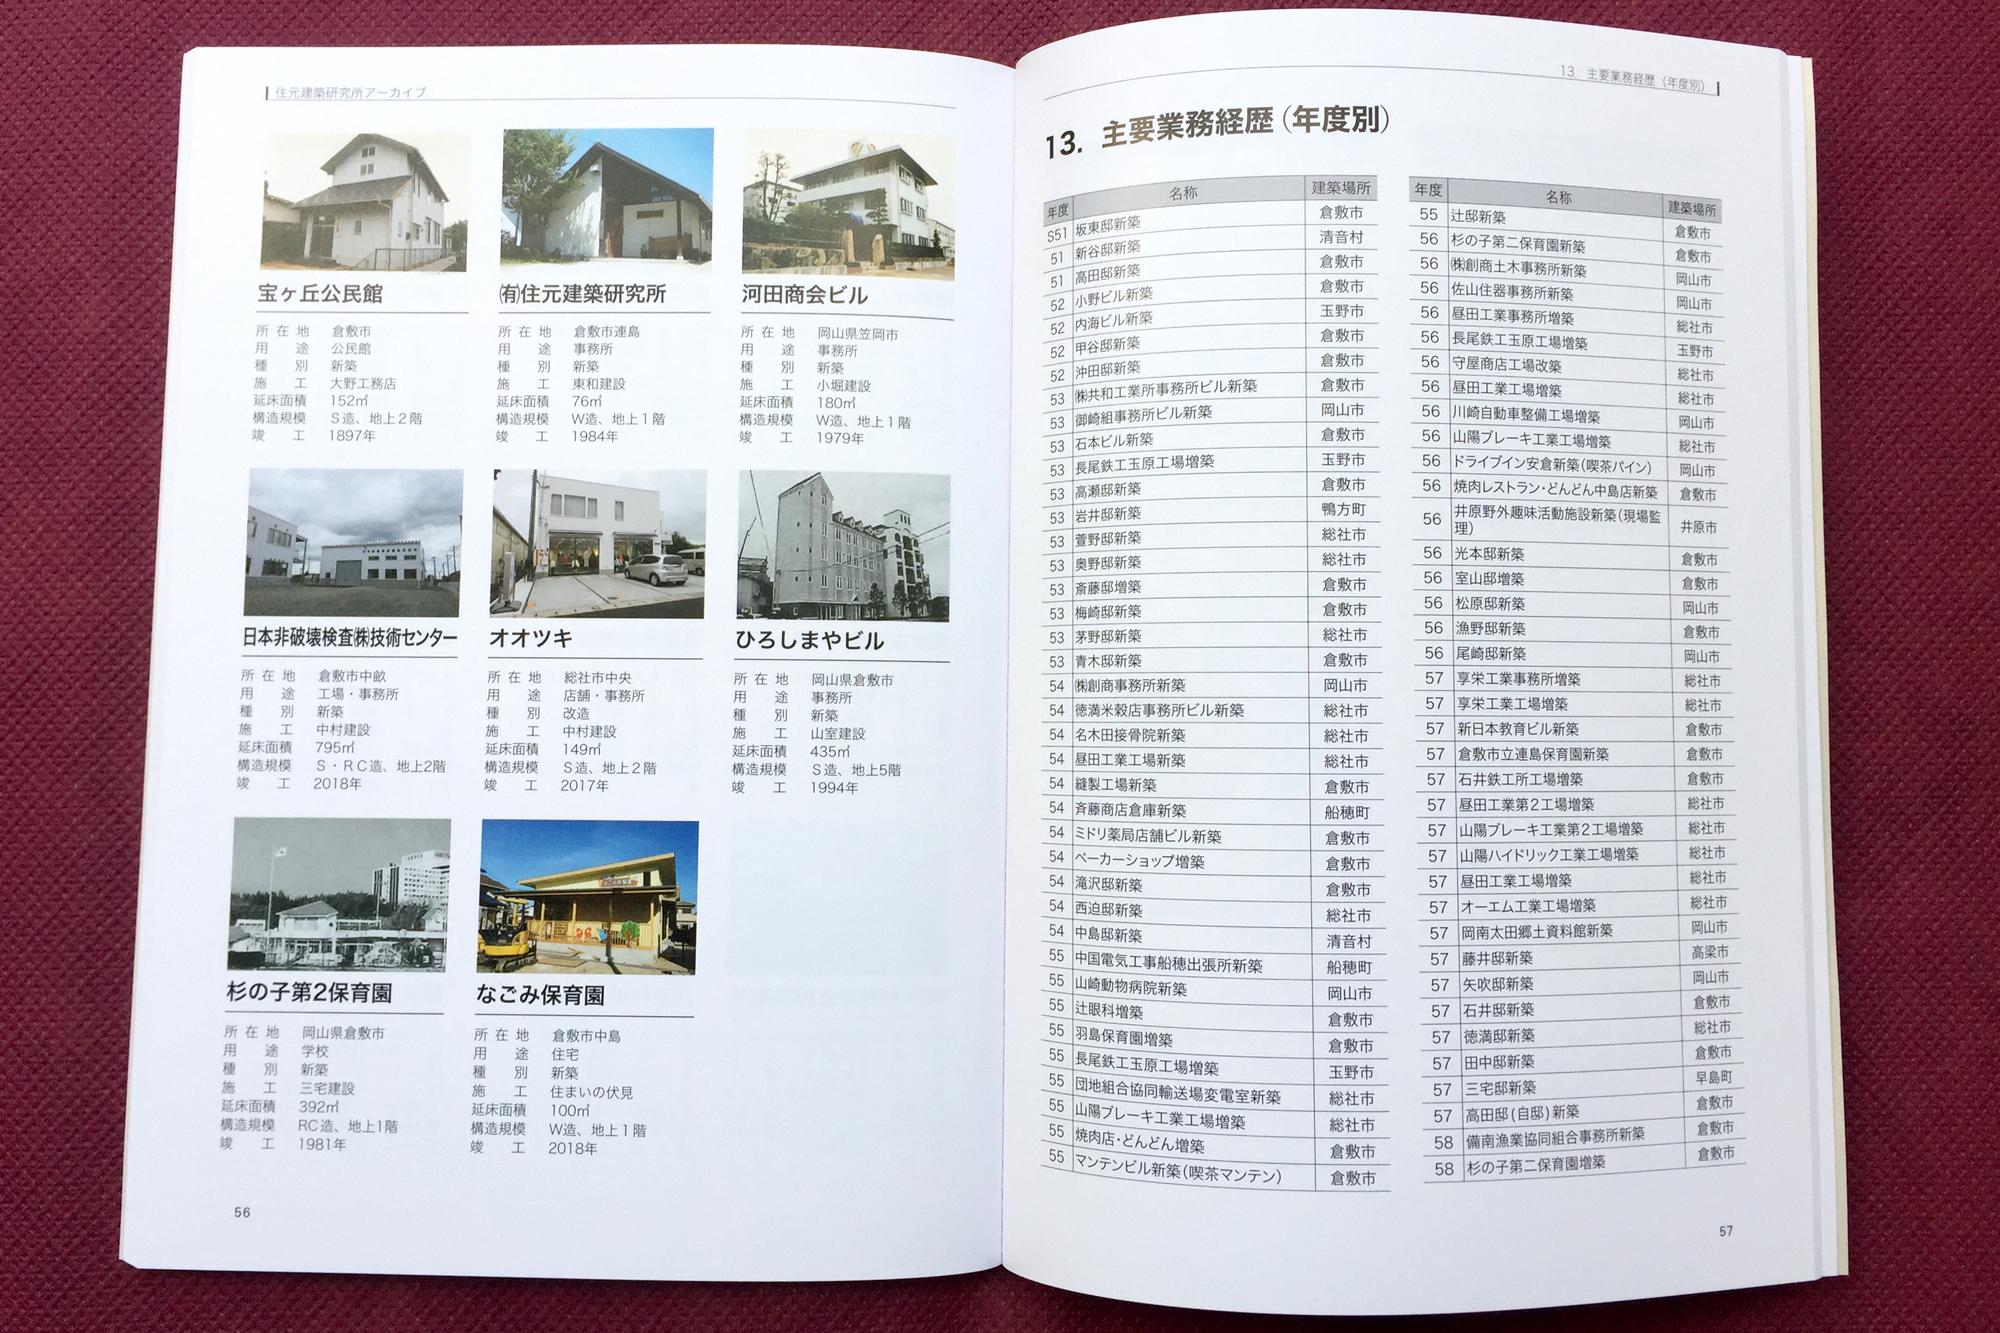 住元建築研究所アーカイブ 年度別にリスト